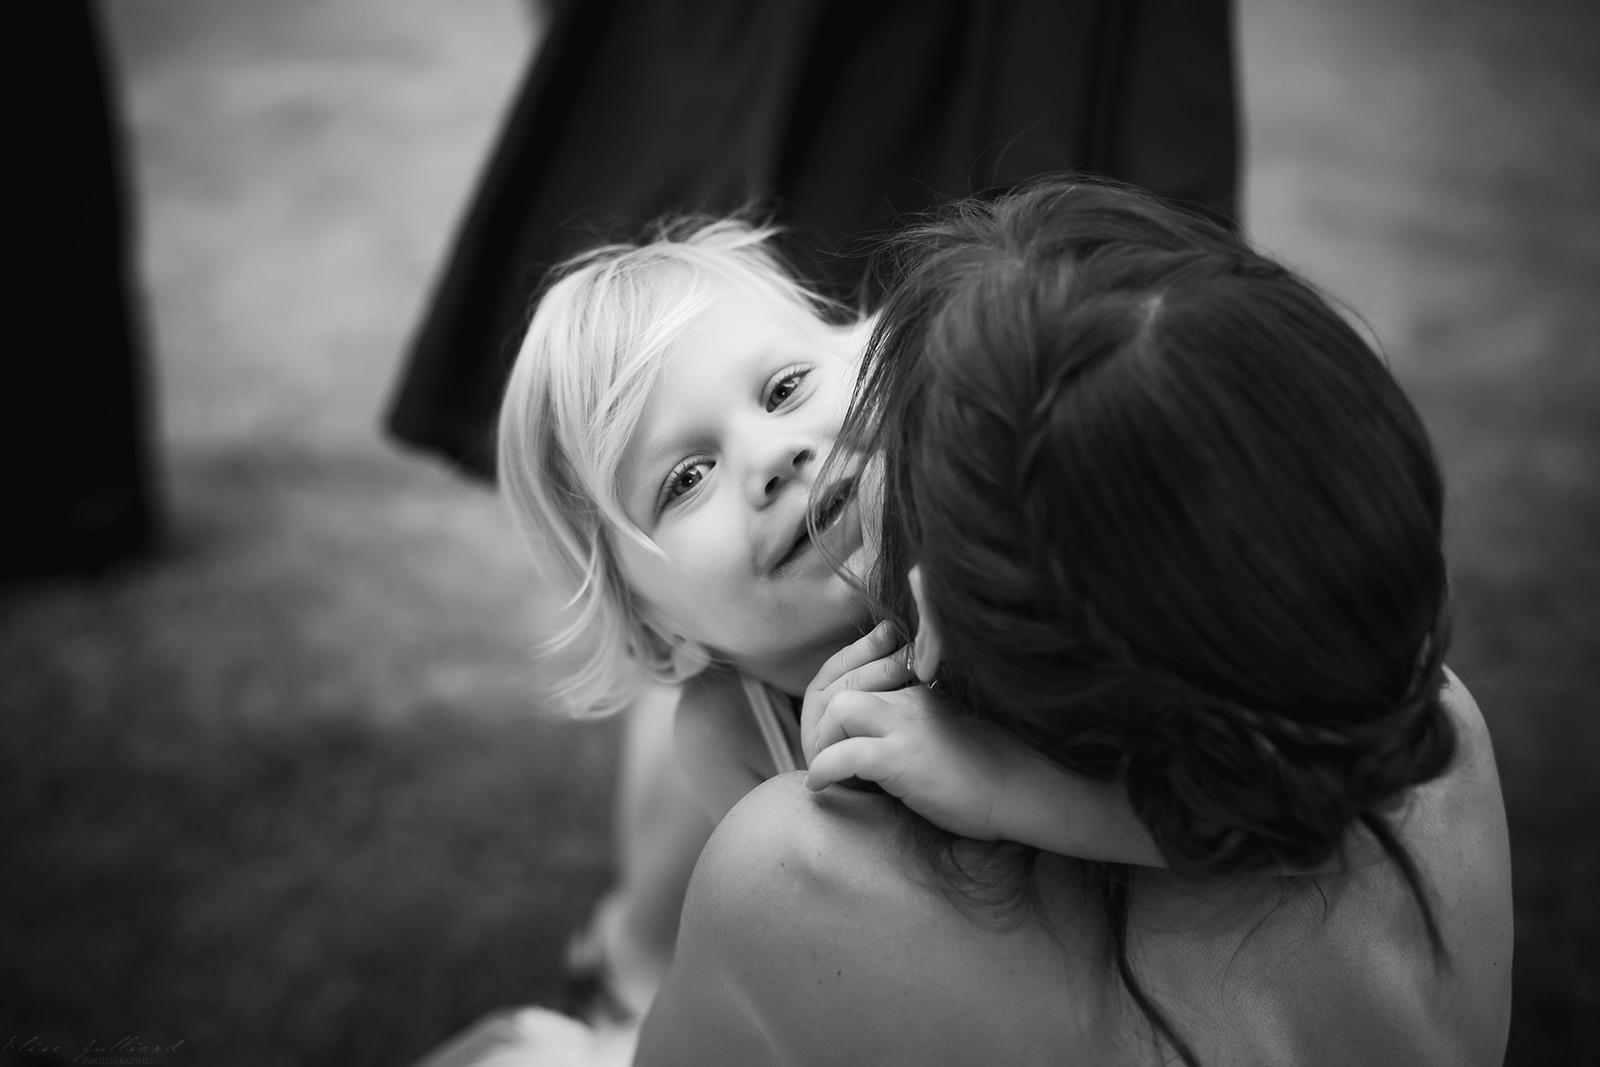 mariage-reportage-photographe-chateau-de-blaceret-roy-lyon-villefranche-sur-saone-enfant-bebe-maternite-auvergne-rhone-alpes-haute-savoie-ain